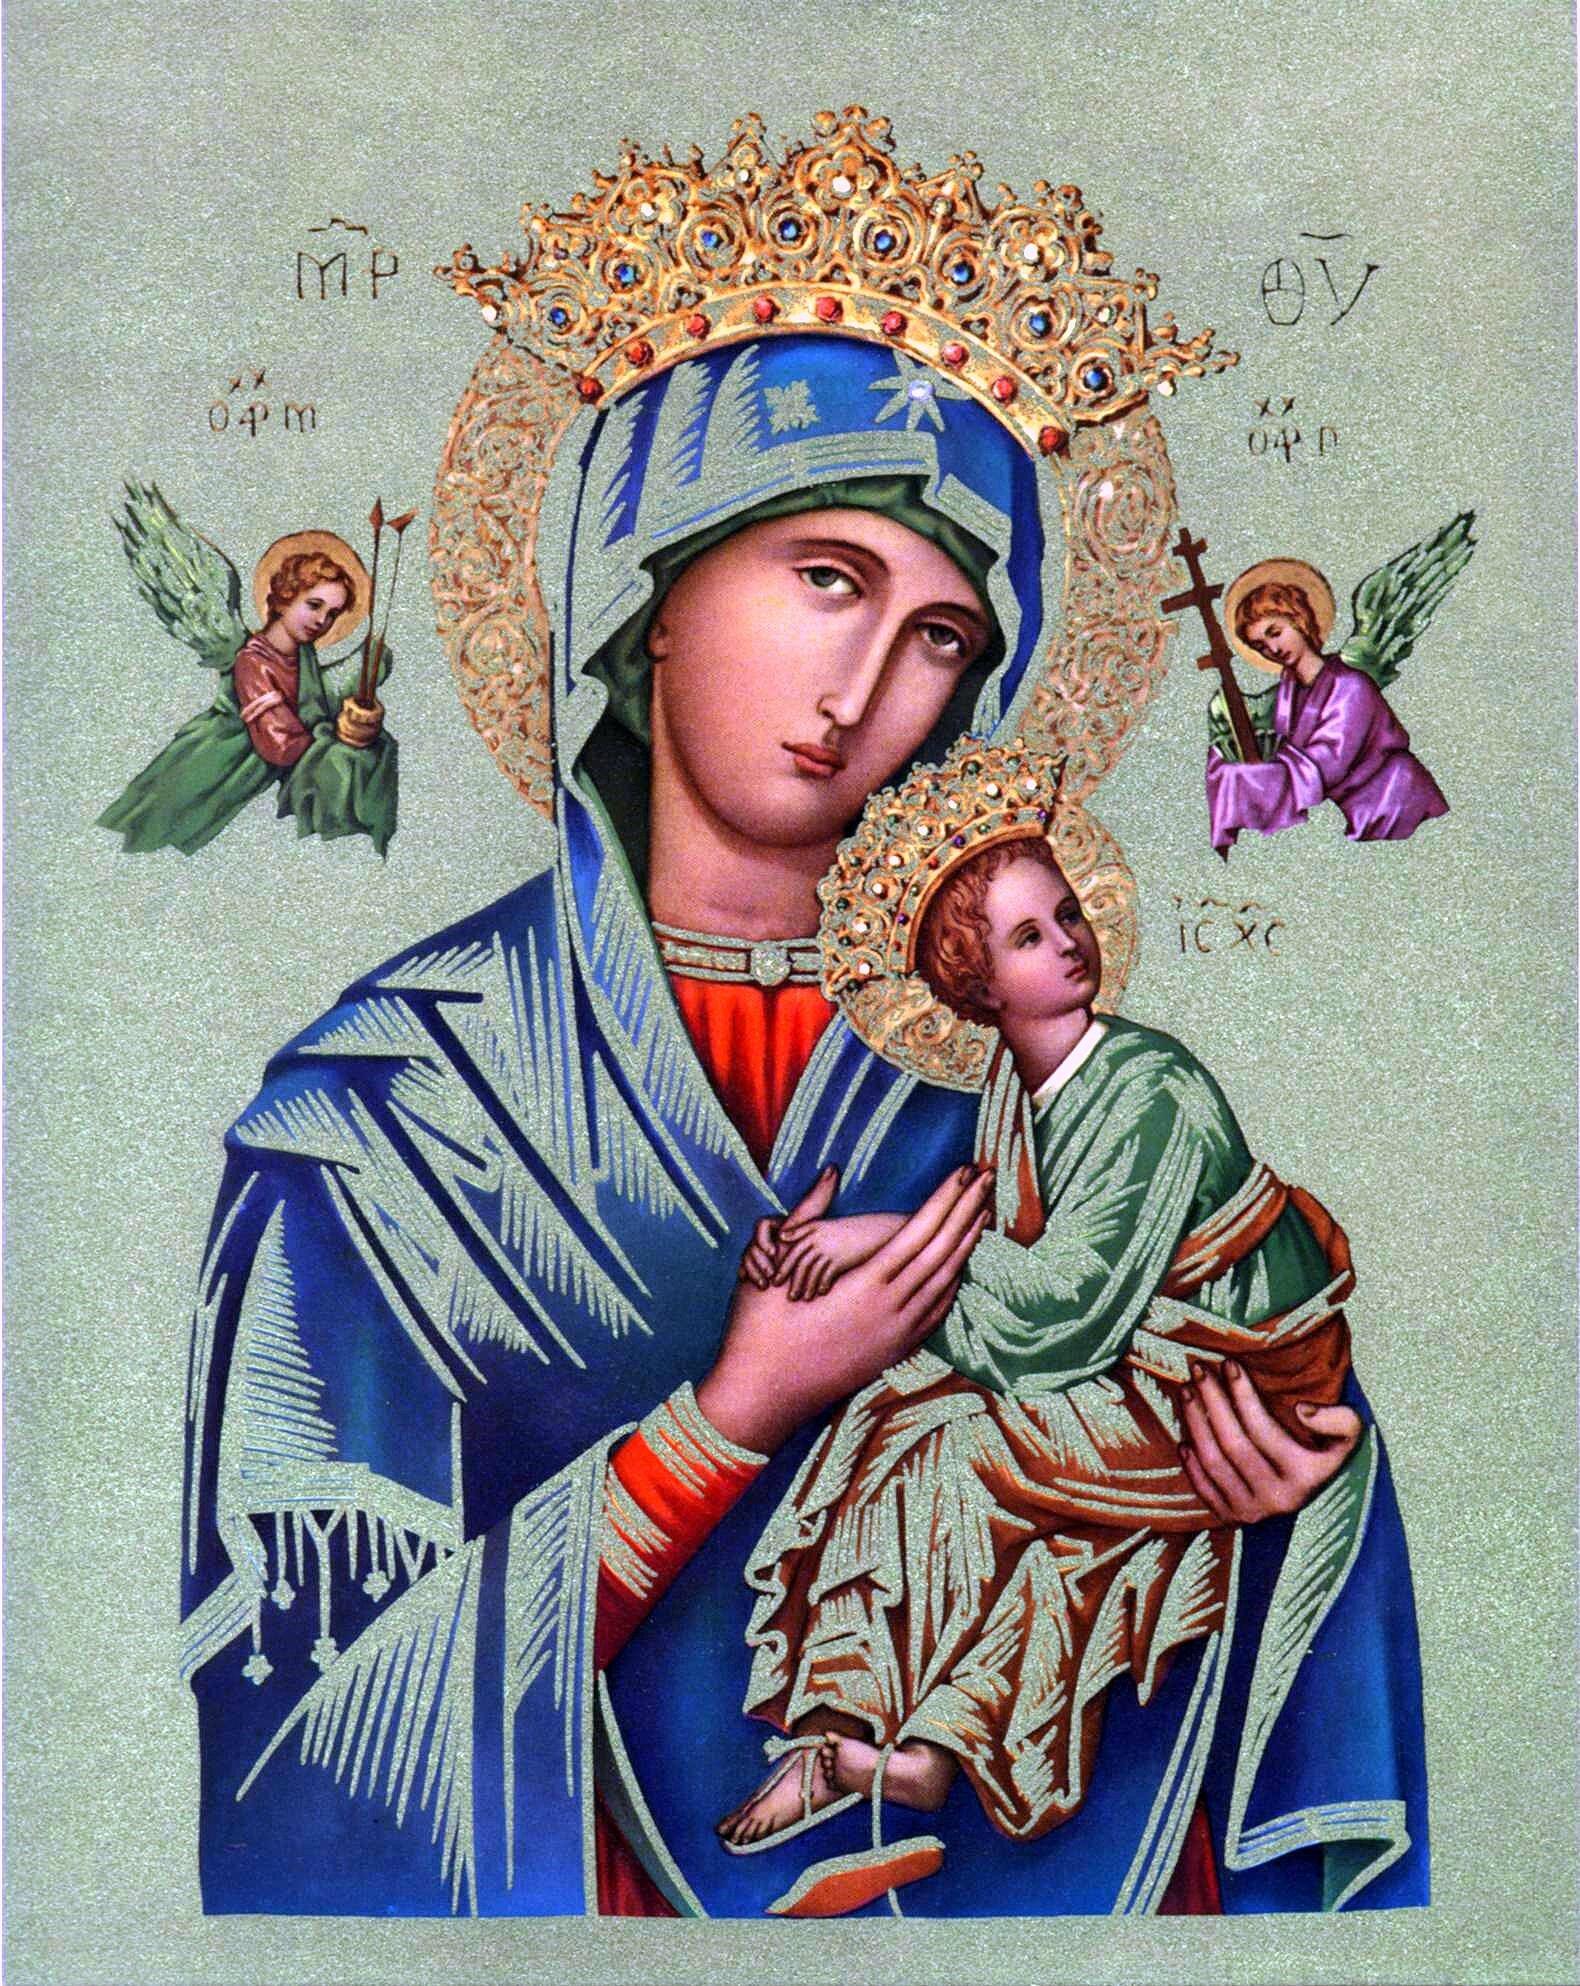 Notre Dame Du Perpétuel Secours : notre, perpétuel, secours, Notre, Perpétuel, Secours, Messages, Images, Saintes